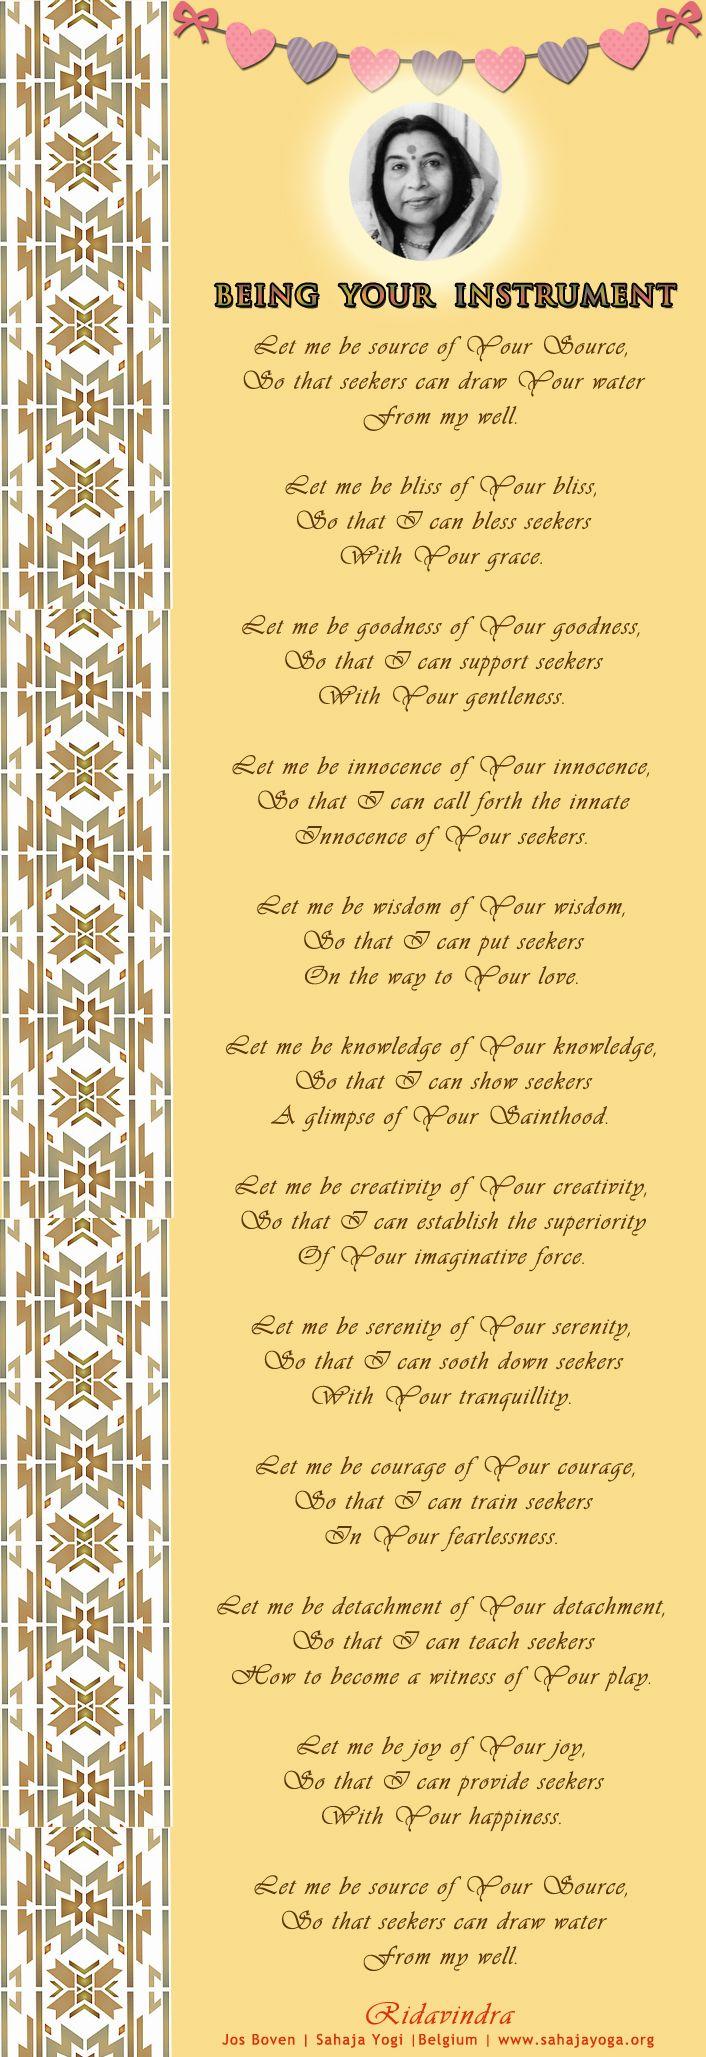 Being Your Instrument - Poem  Ridavindra Jos Boven   Sahaja Yogi  Belgium   www.sahajayoga.org